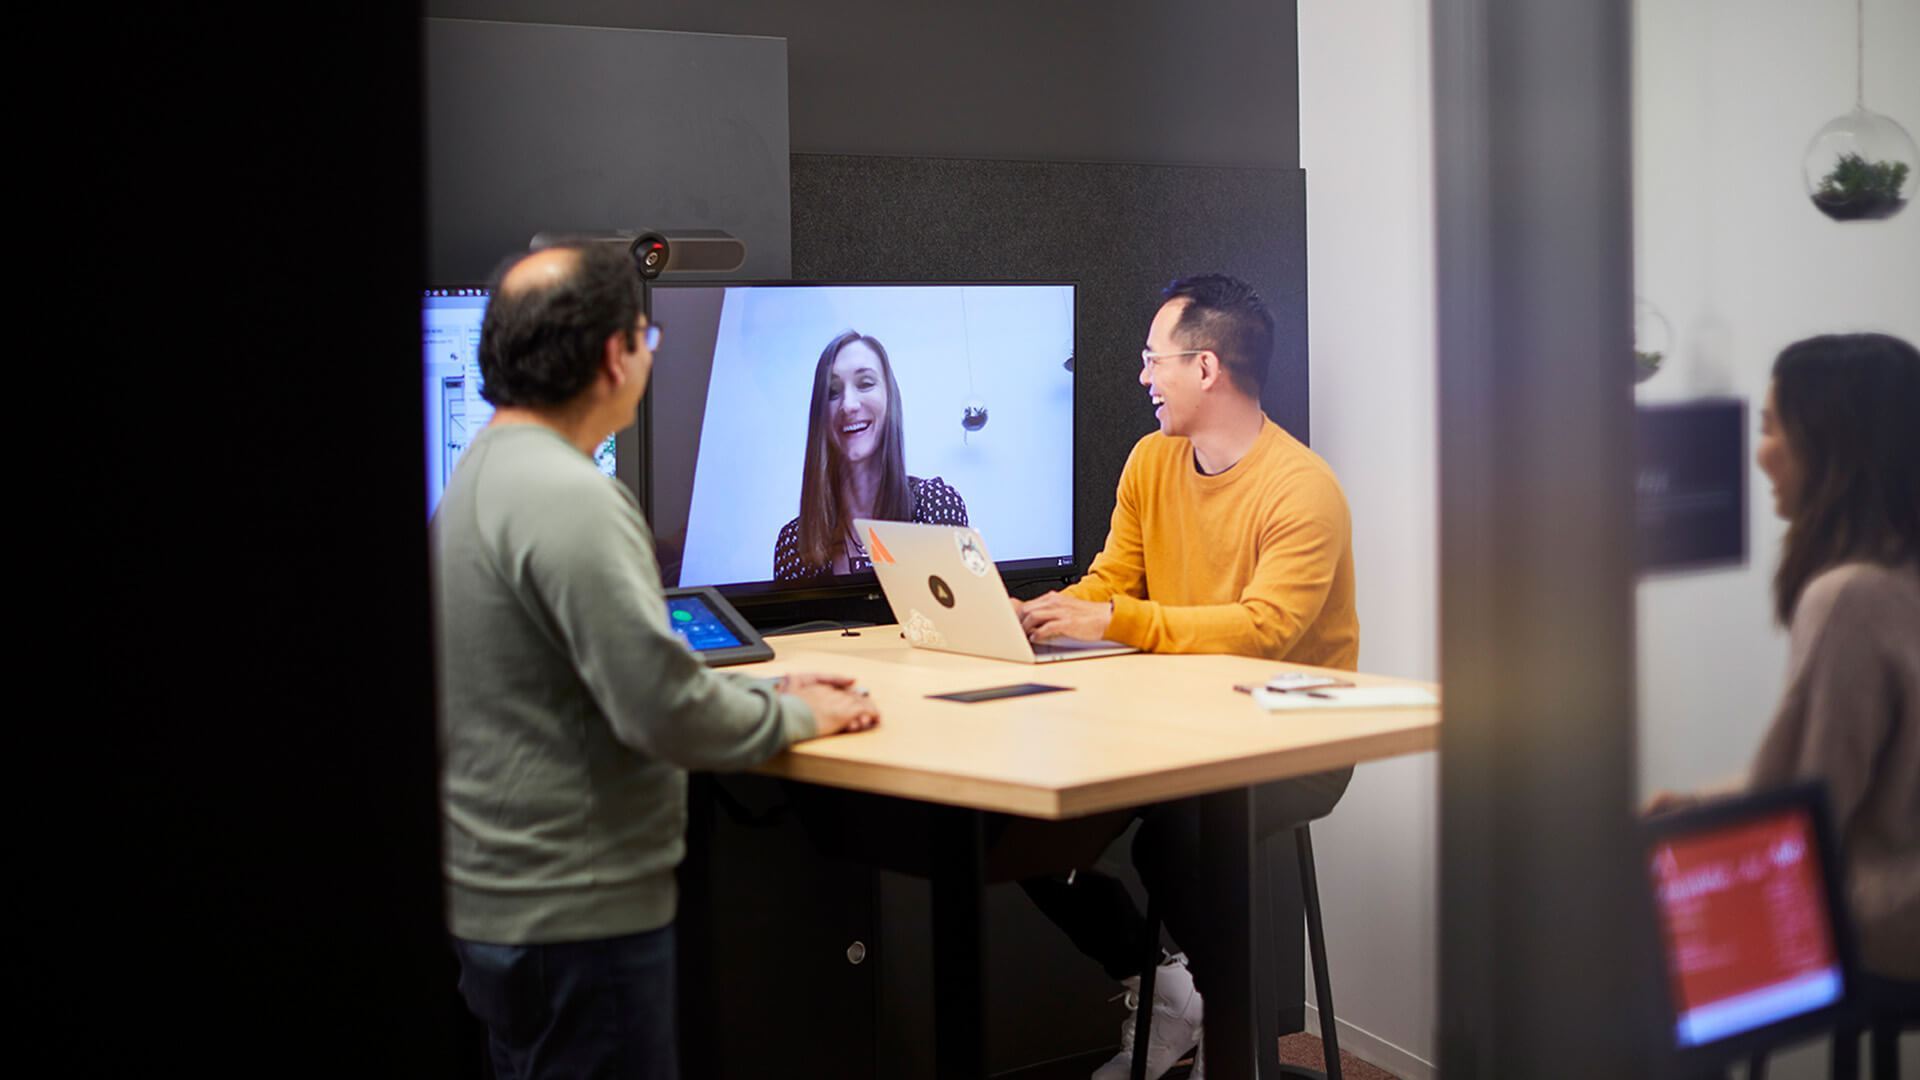 Teammitglieder beim Videochat